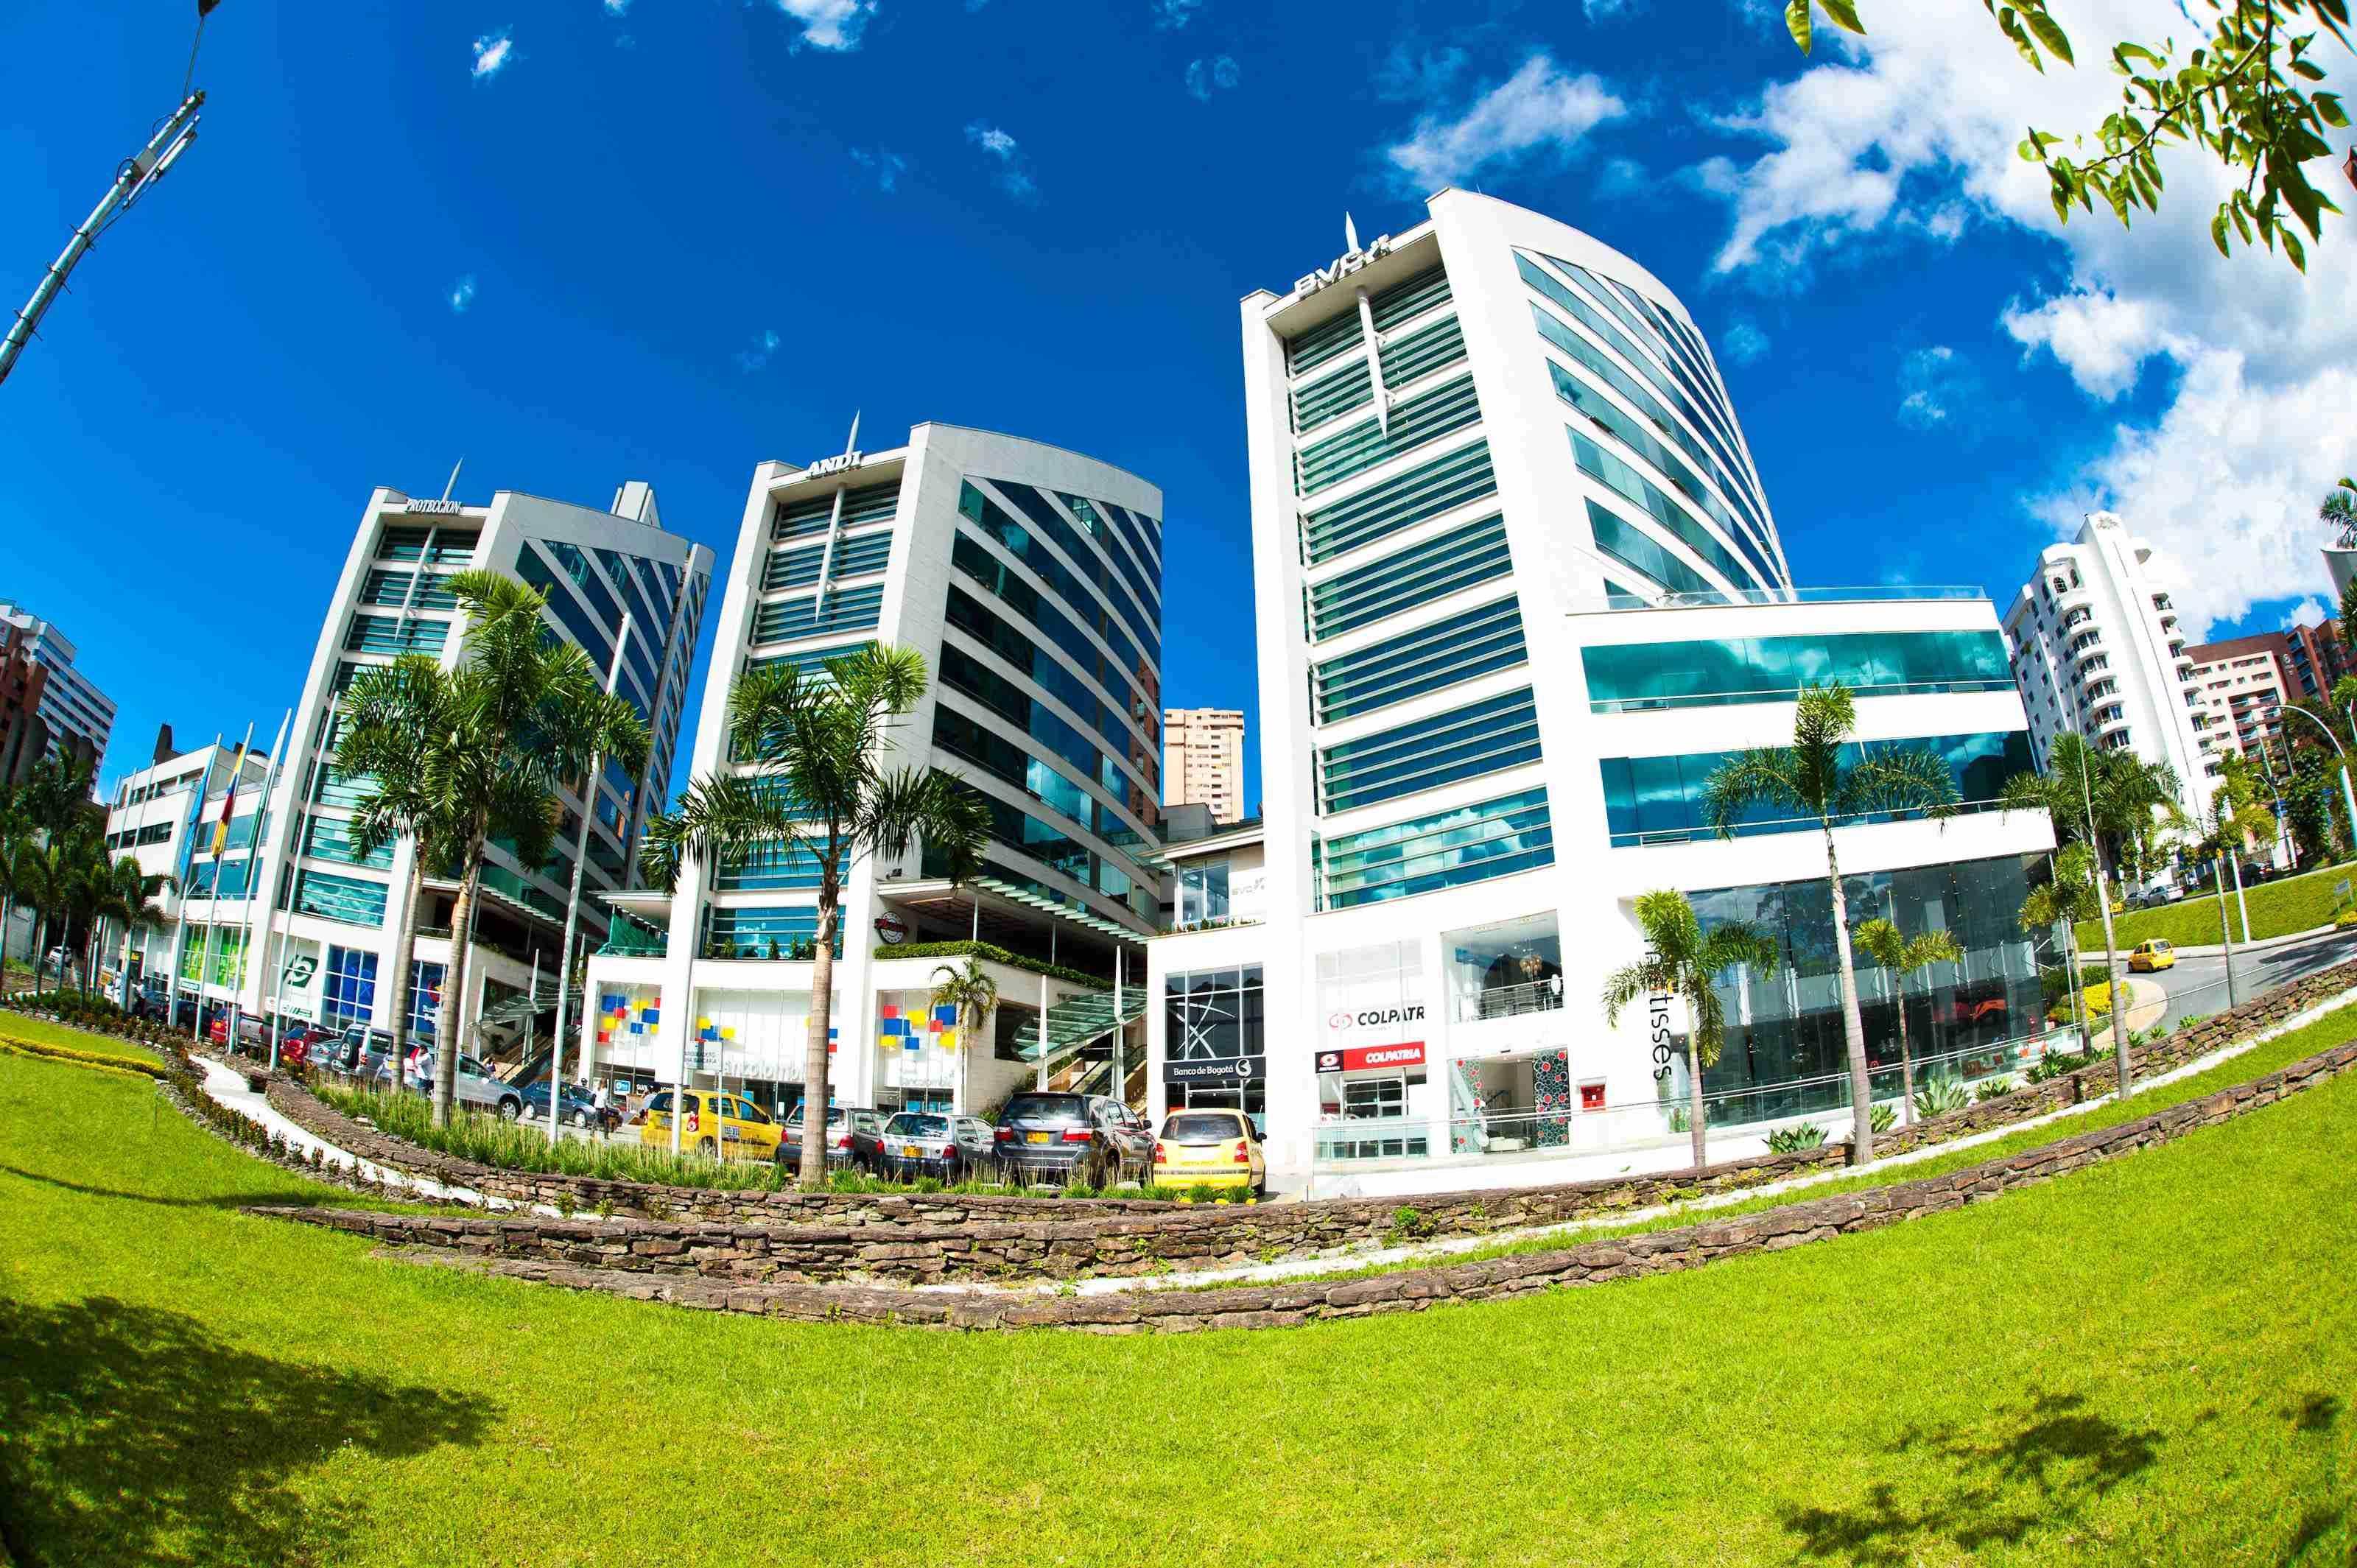 Centro empresarial Santa Ferenando